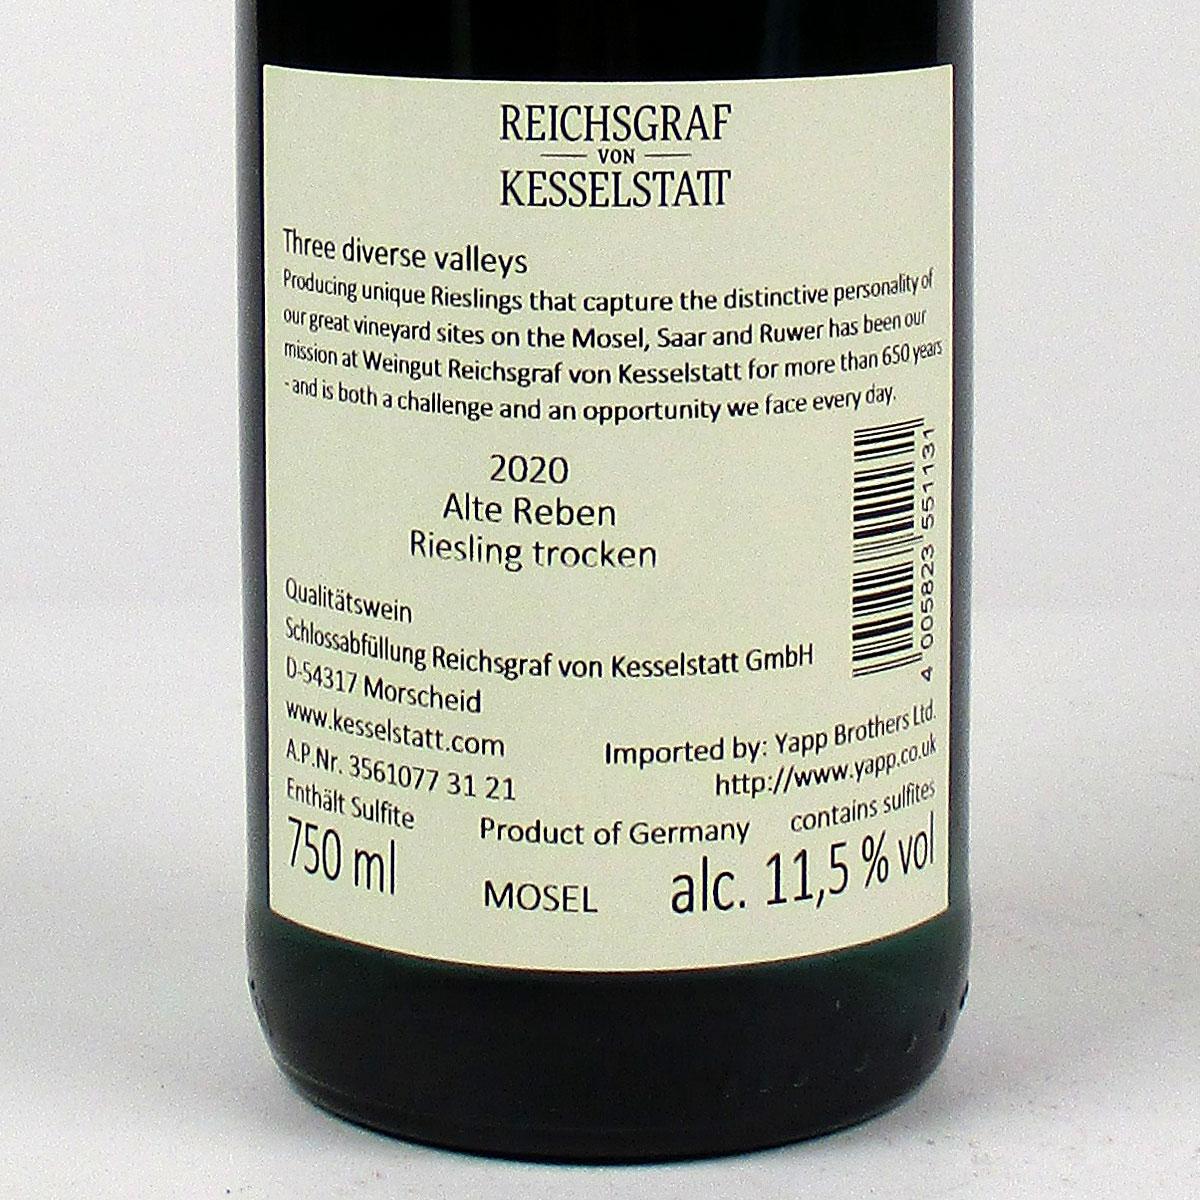 Mosel: Reichsgraf von Kesselstatt Alte Reben Trocken Riesling 2020 - Bottel Rear Label